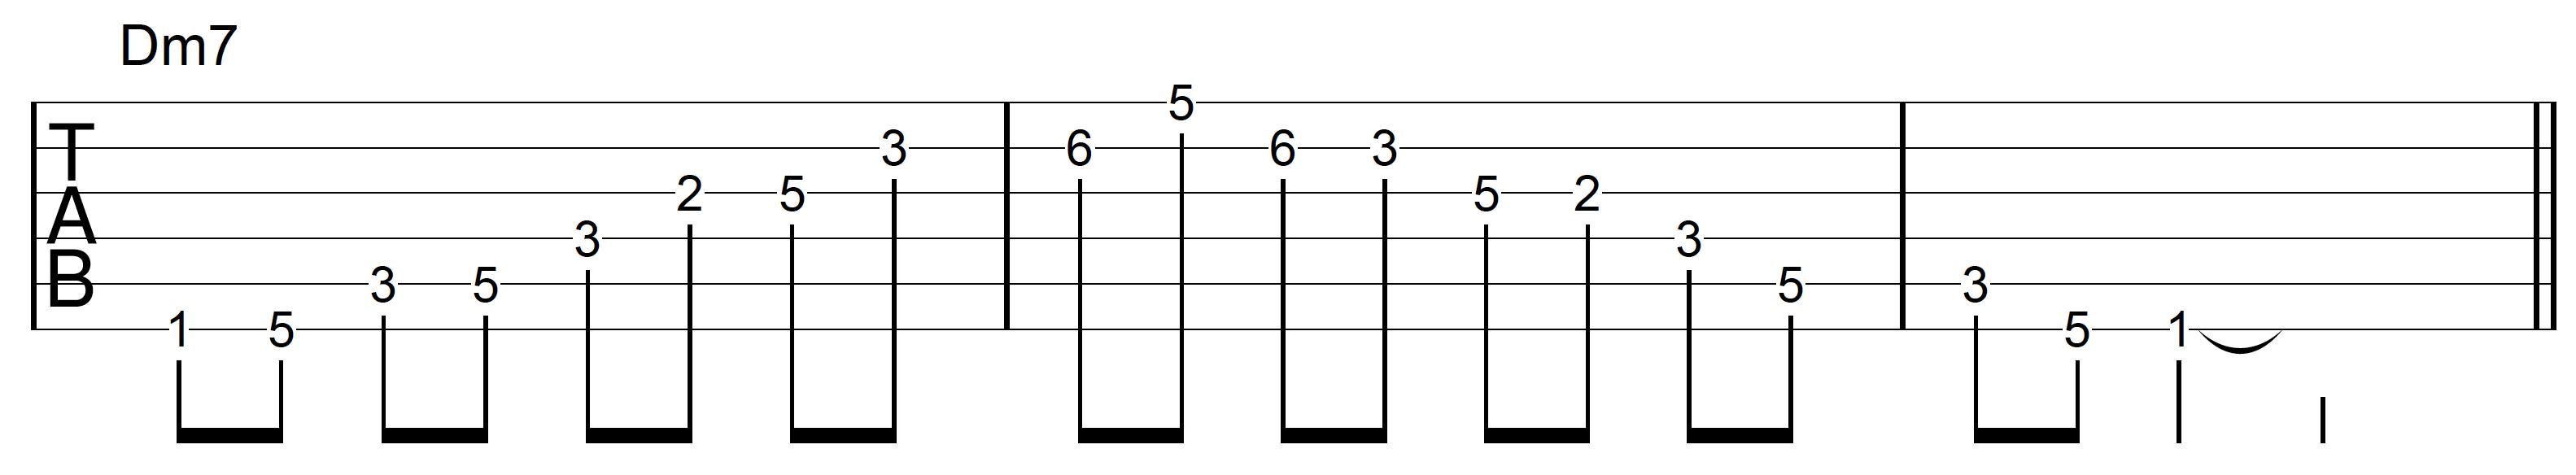 Guitar Arpeggio Dm7 Asc Desc